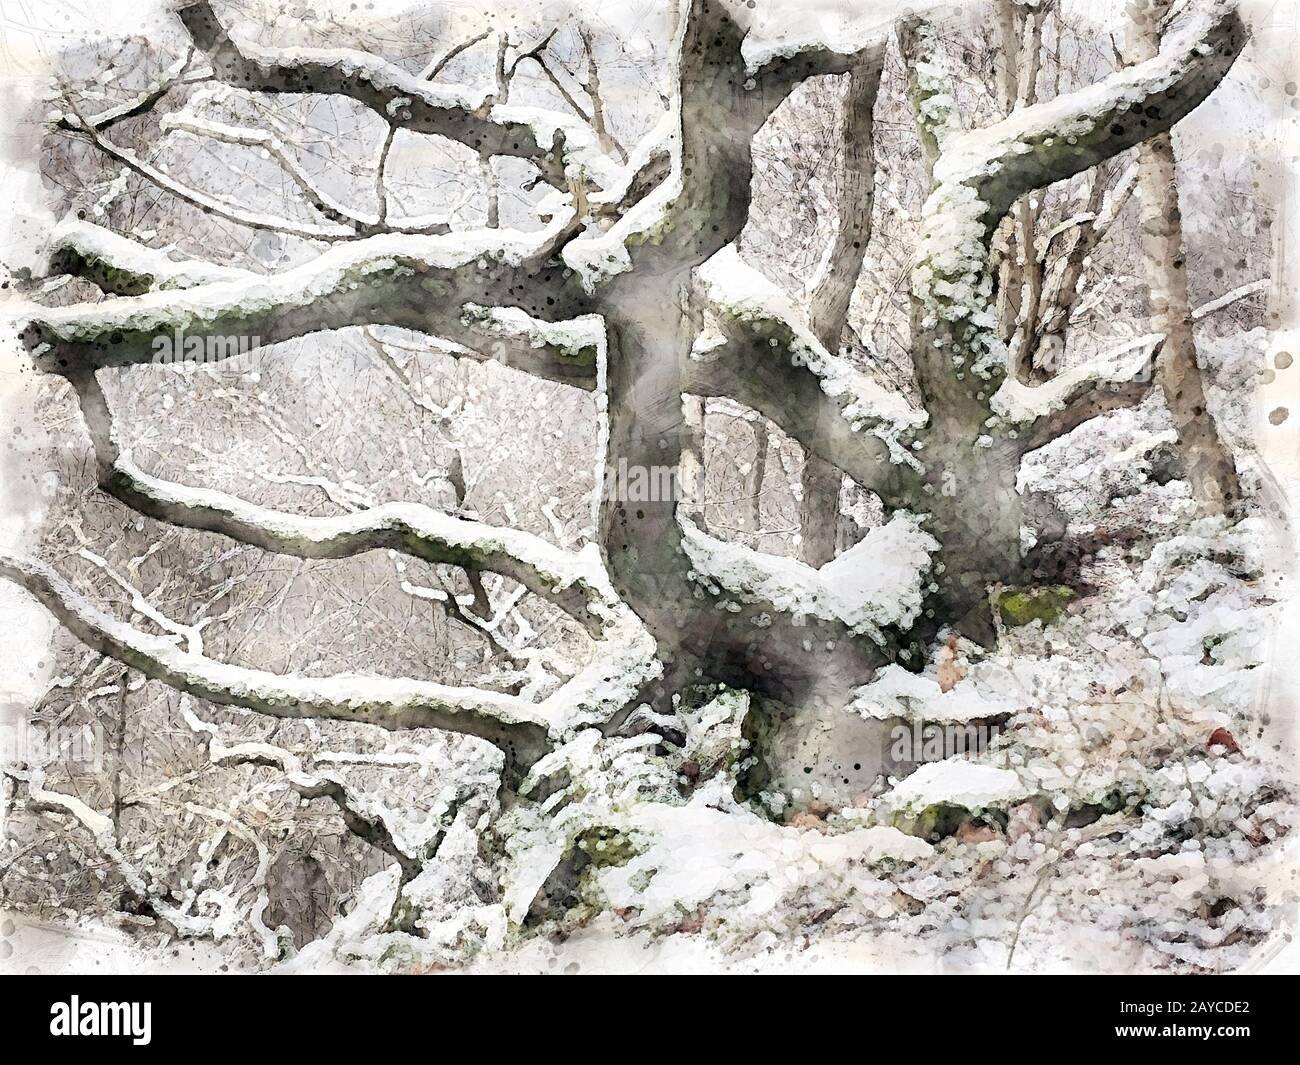 Wasserfarbengemälde von Schnee bedecken verdrehte Winterbäume und Äste in einem Hangwald Stockfoto